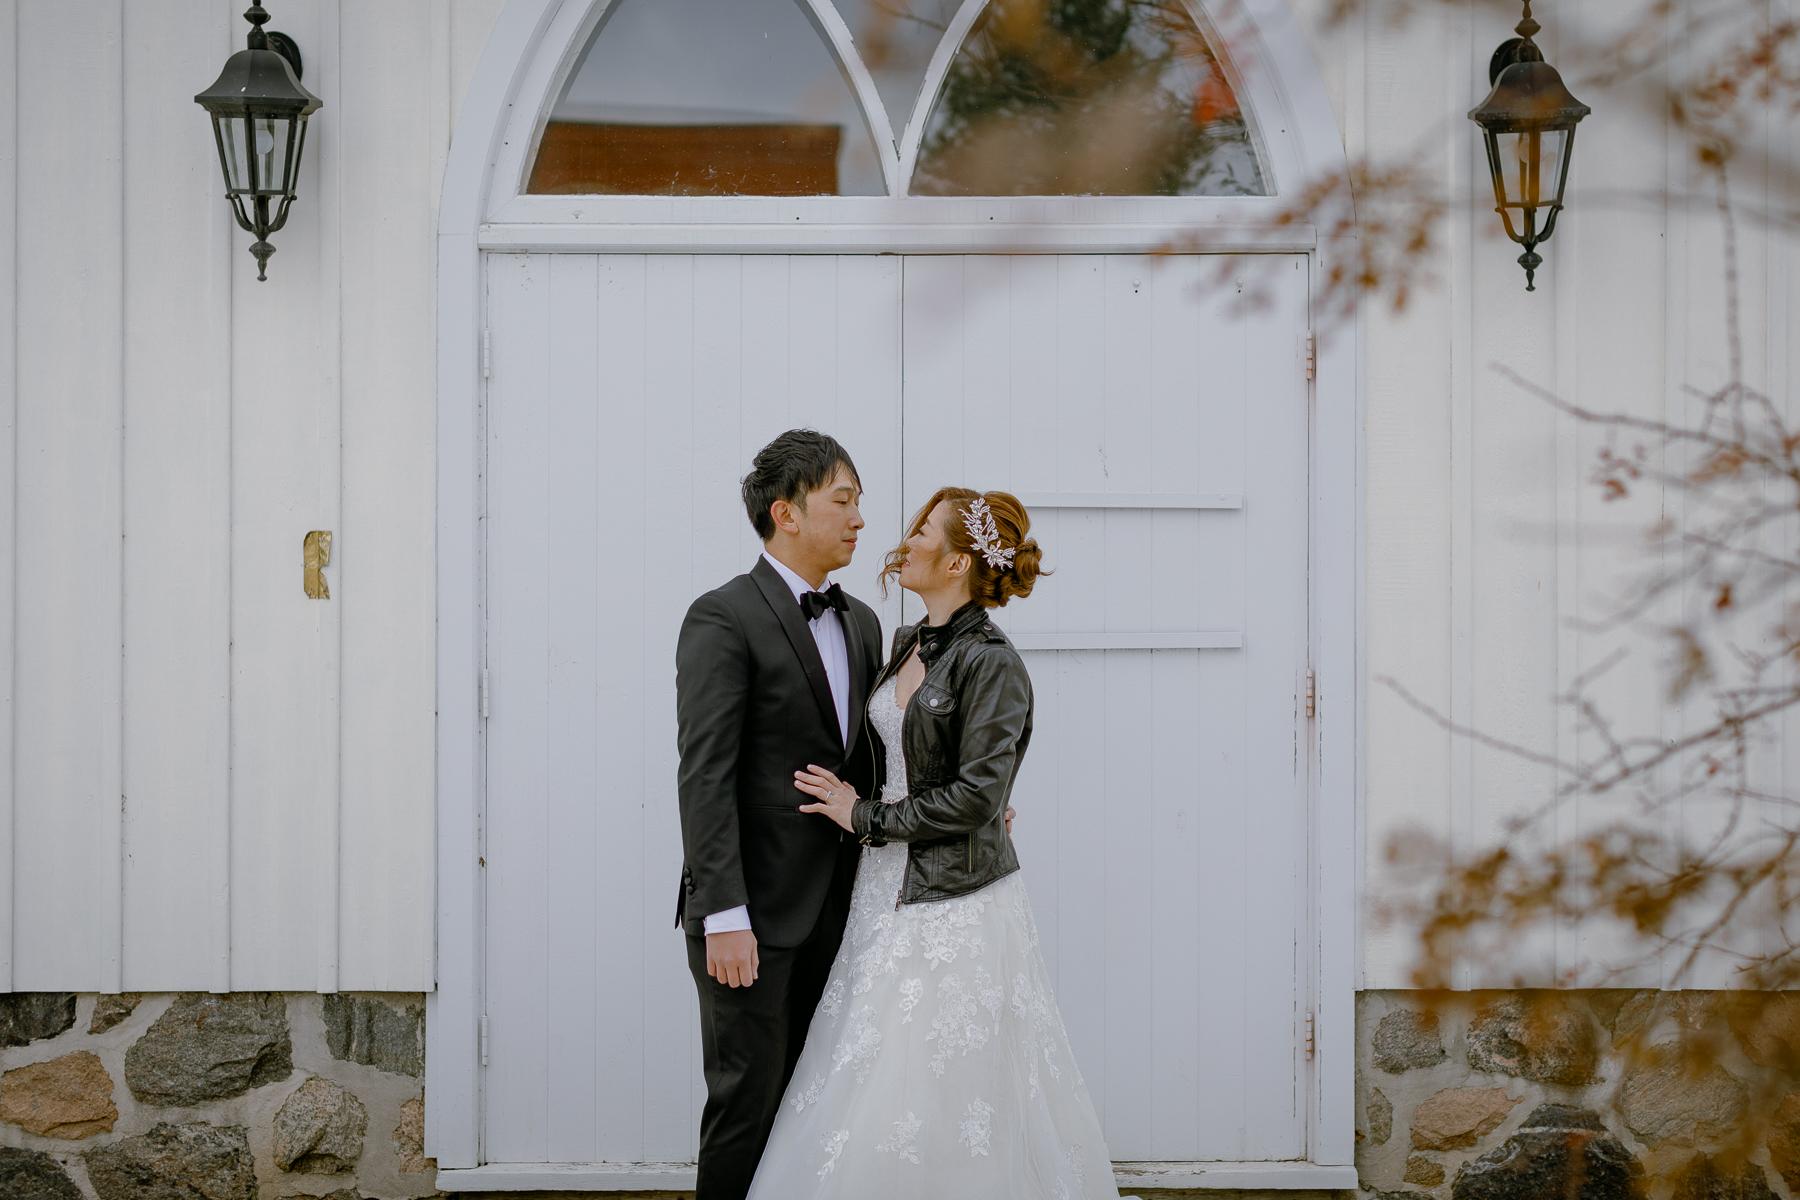 markham-wedding-photography-markham-museum-wedding 0017.jpg